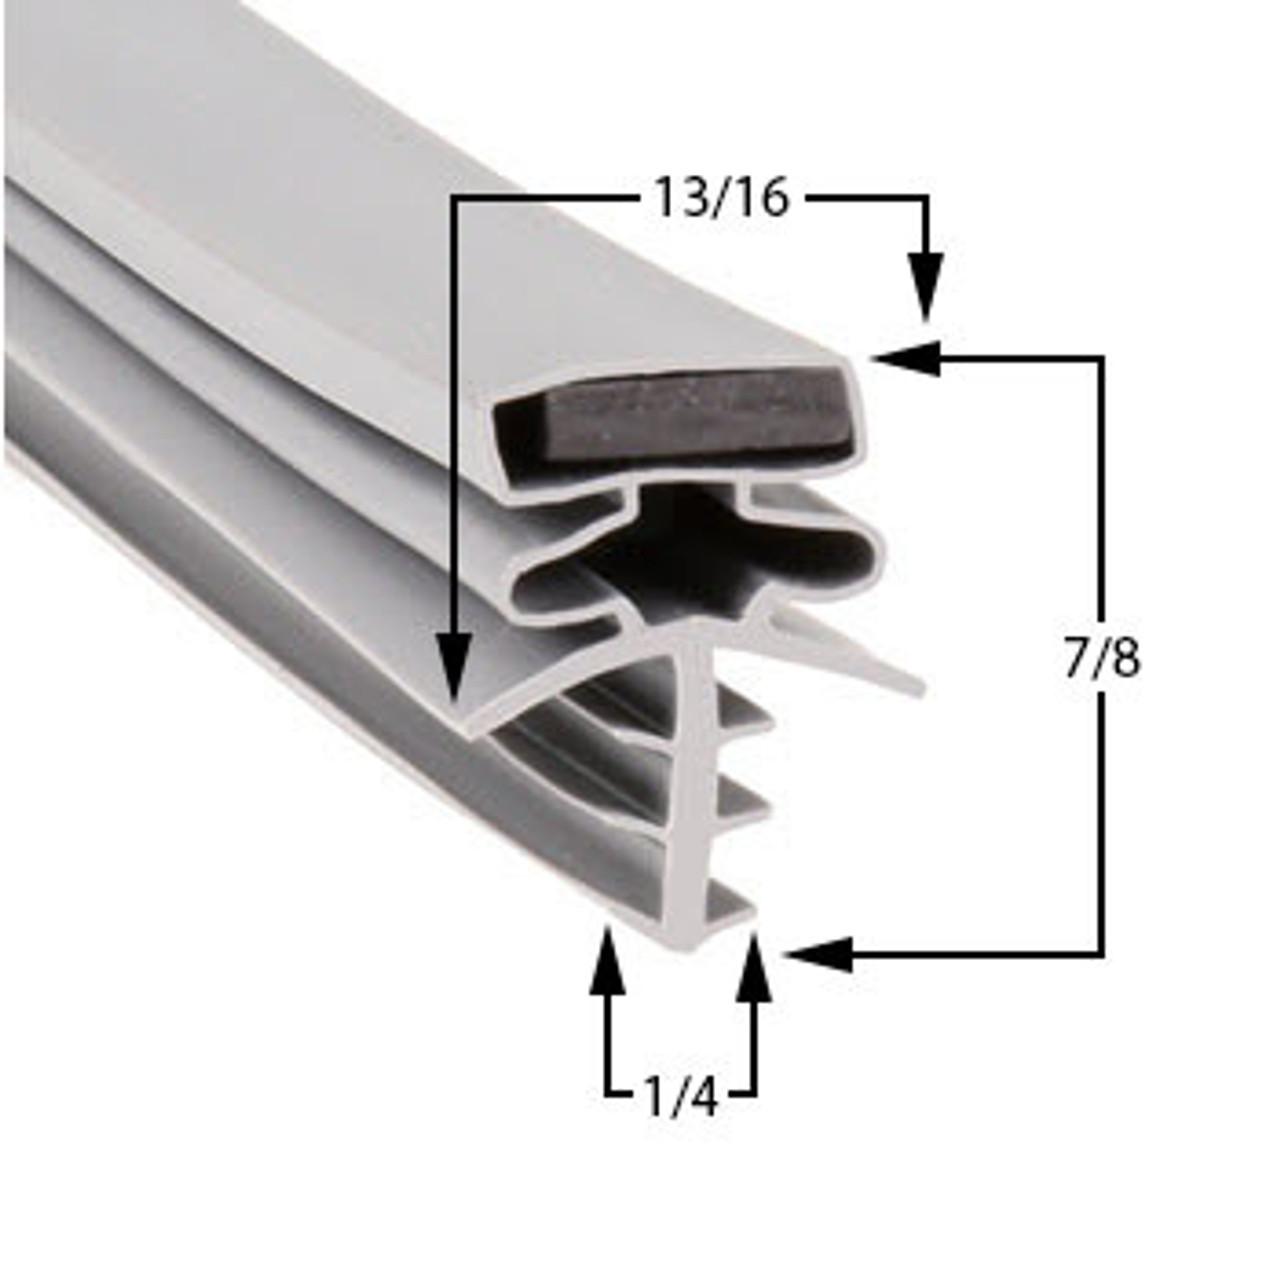 Brown Door Gasket Profile 301 36 1/4 x 77 1/2 -A2.0431-2